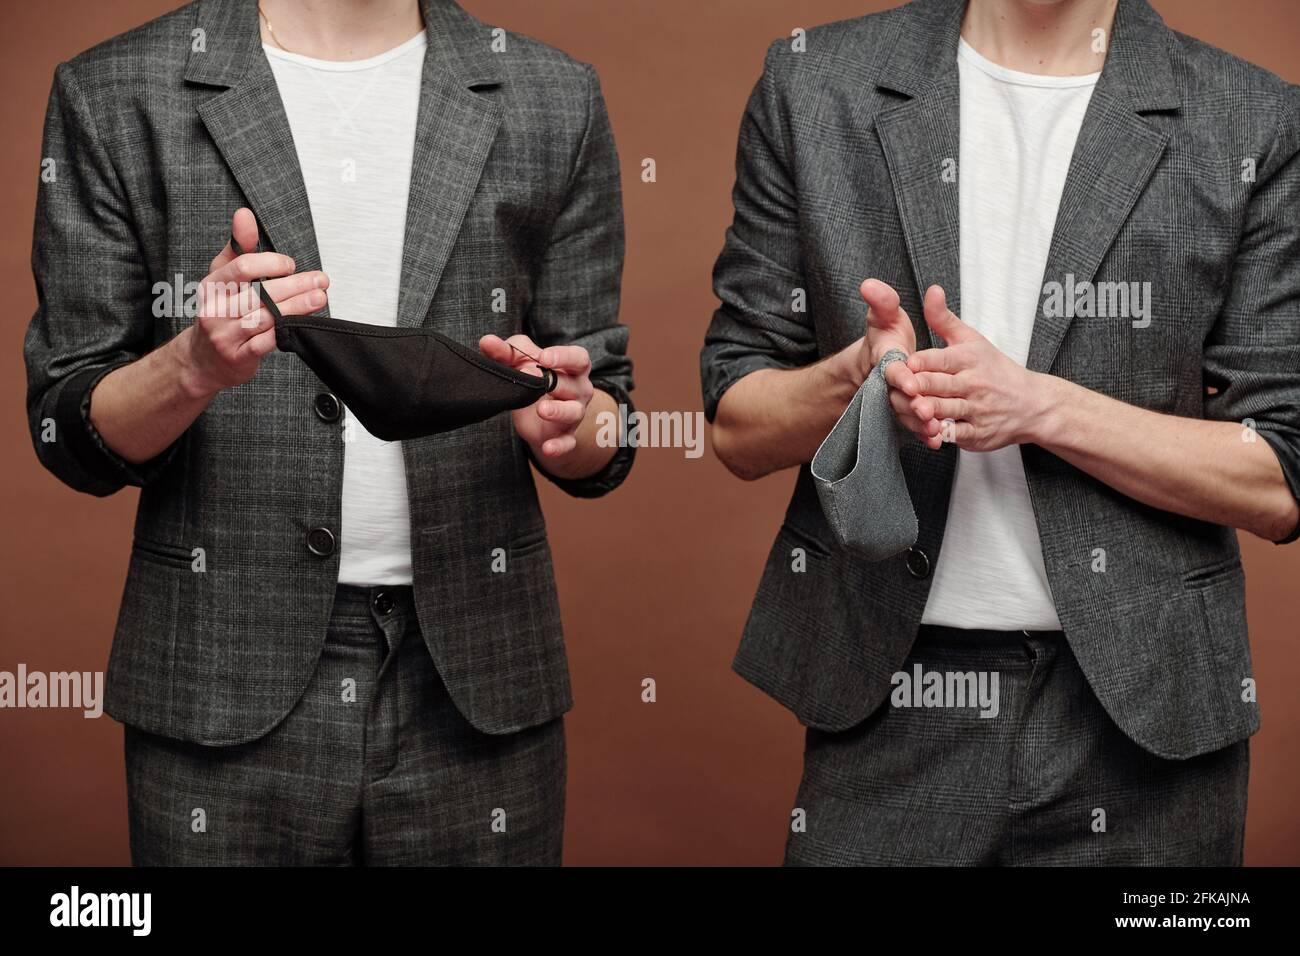 Primo piano di uomini irriconoscibili in abiti casual eleganti che tengono un panno maschere su sfondo marrone Foto Stock